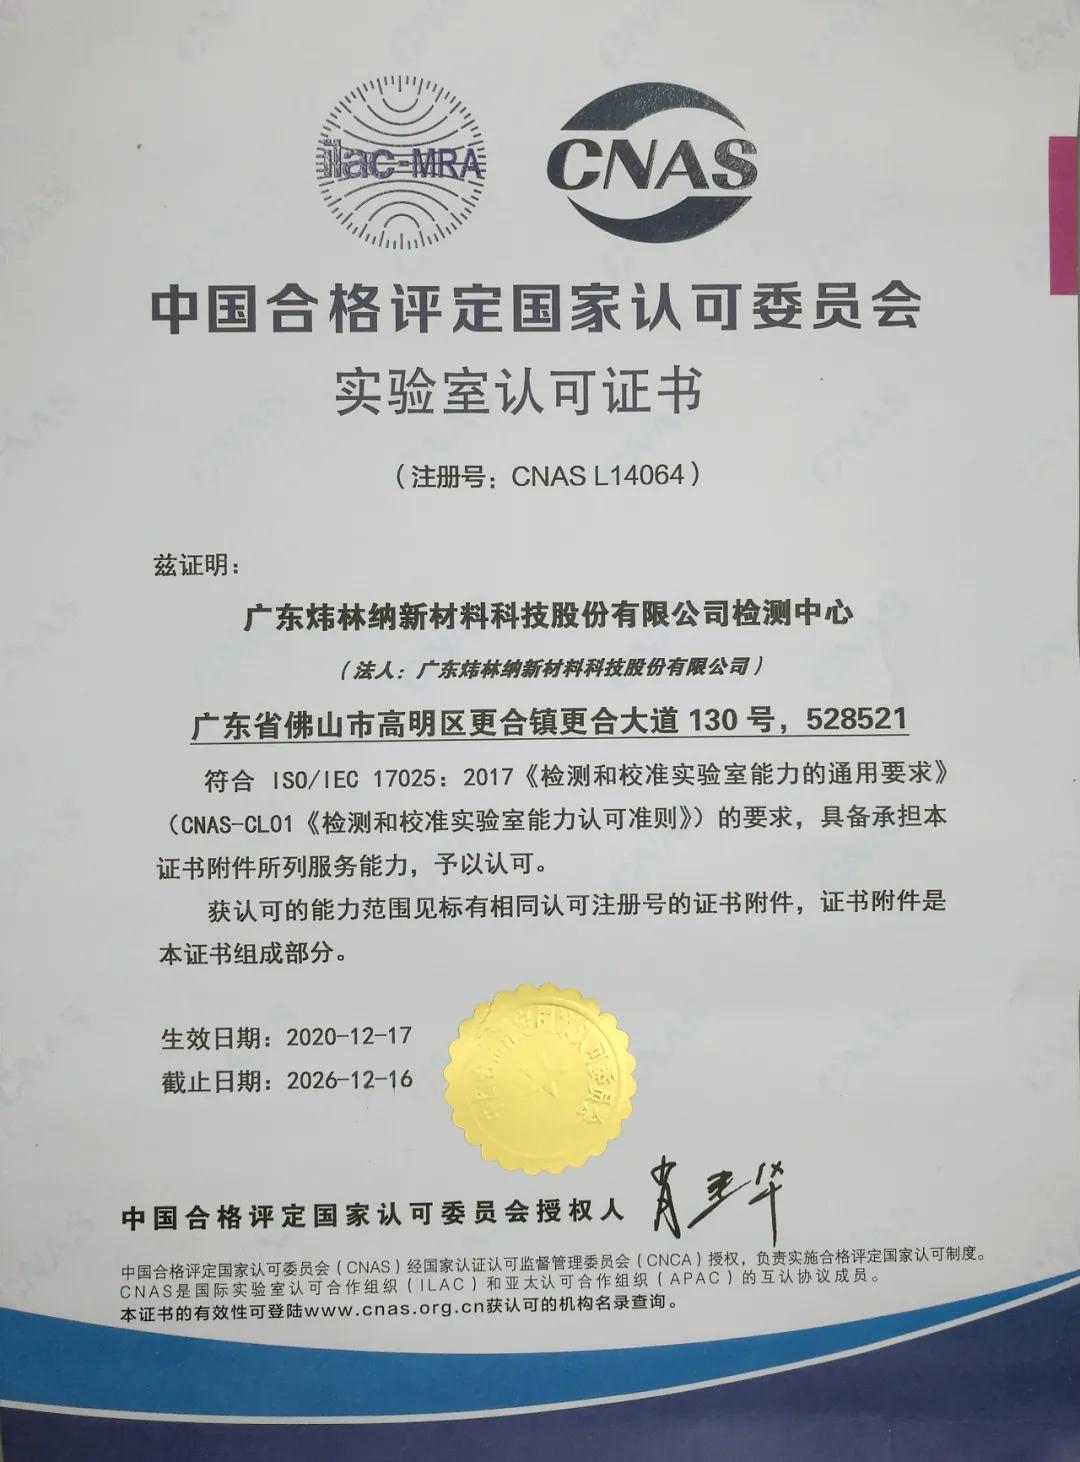 【热烈祝贺】炜林纳公司检测中心获得CNAS国家实验室认可证书